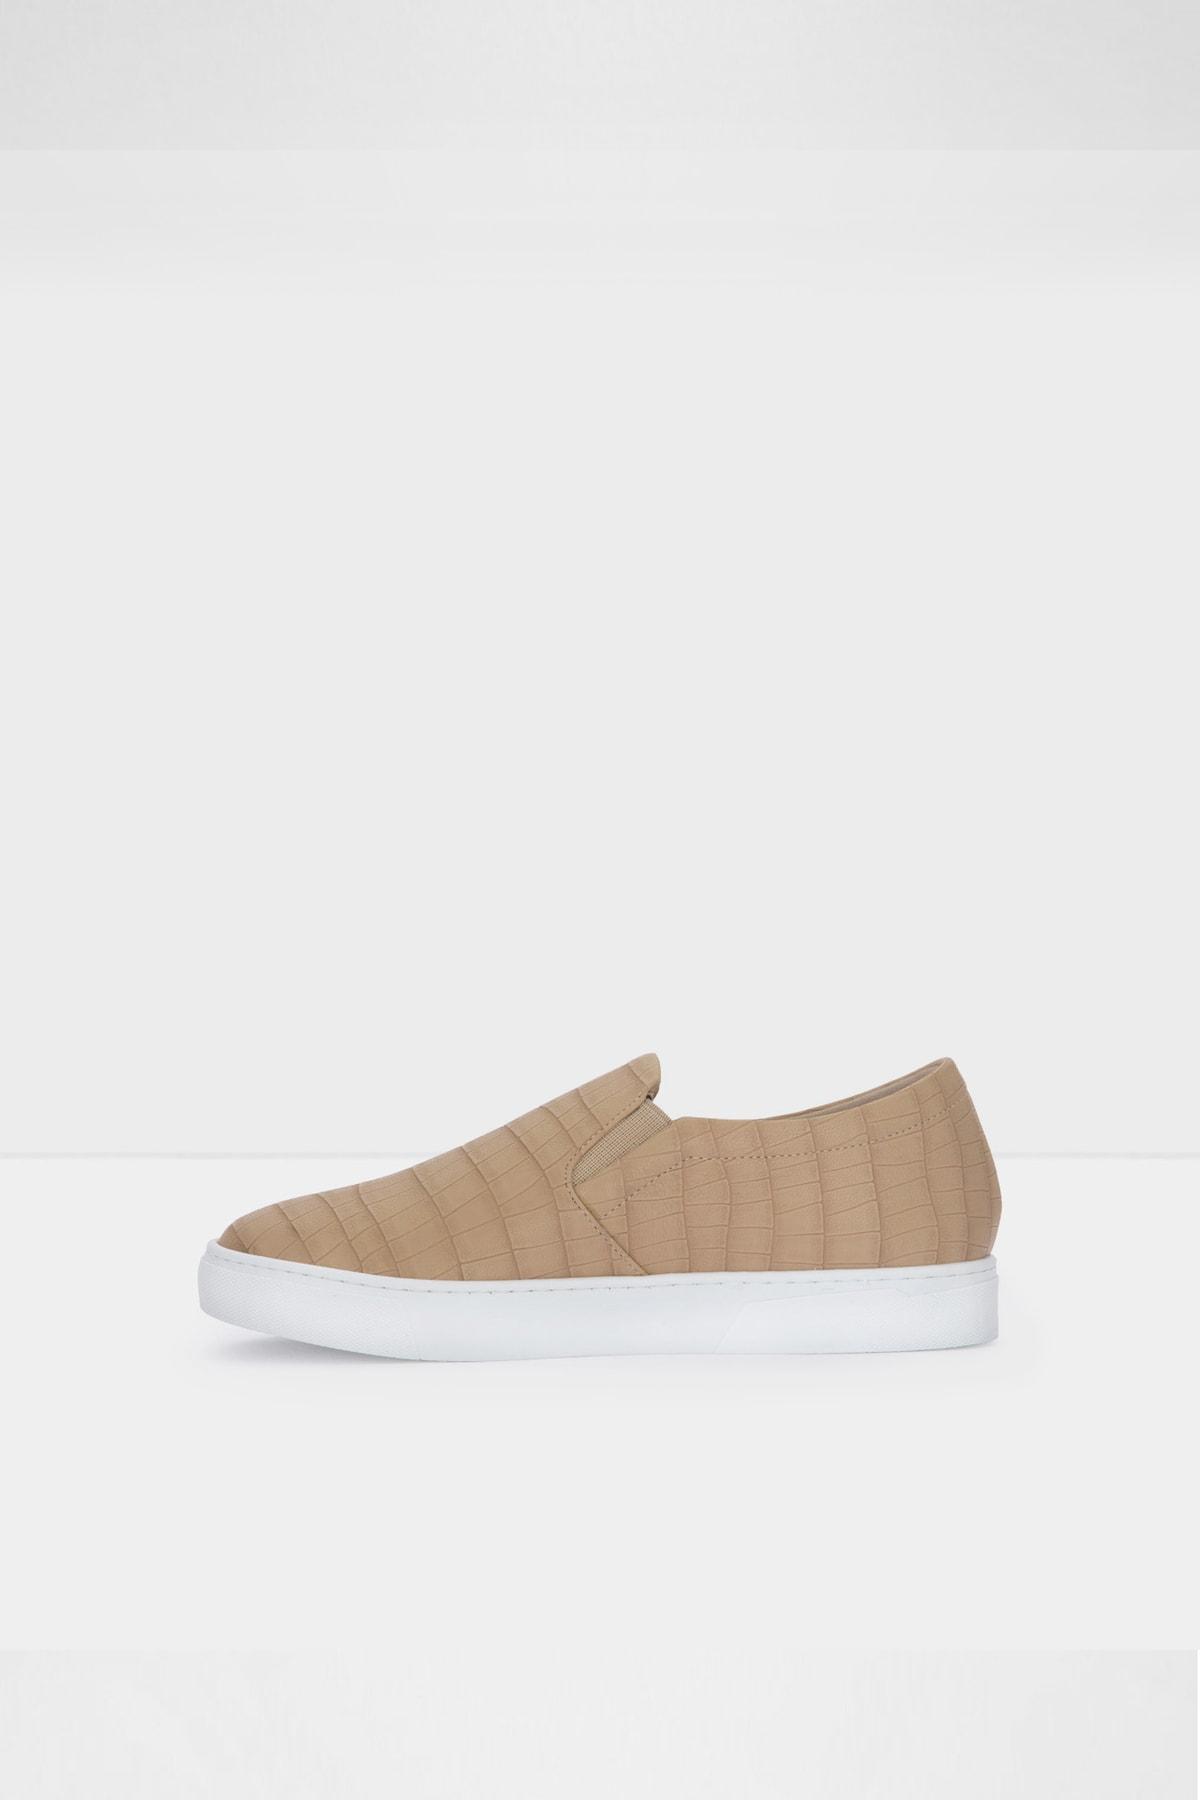 Aldo Kadın Bej  Suni Deri Sneaker Ayakkabı 2